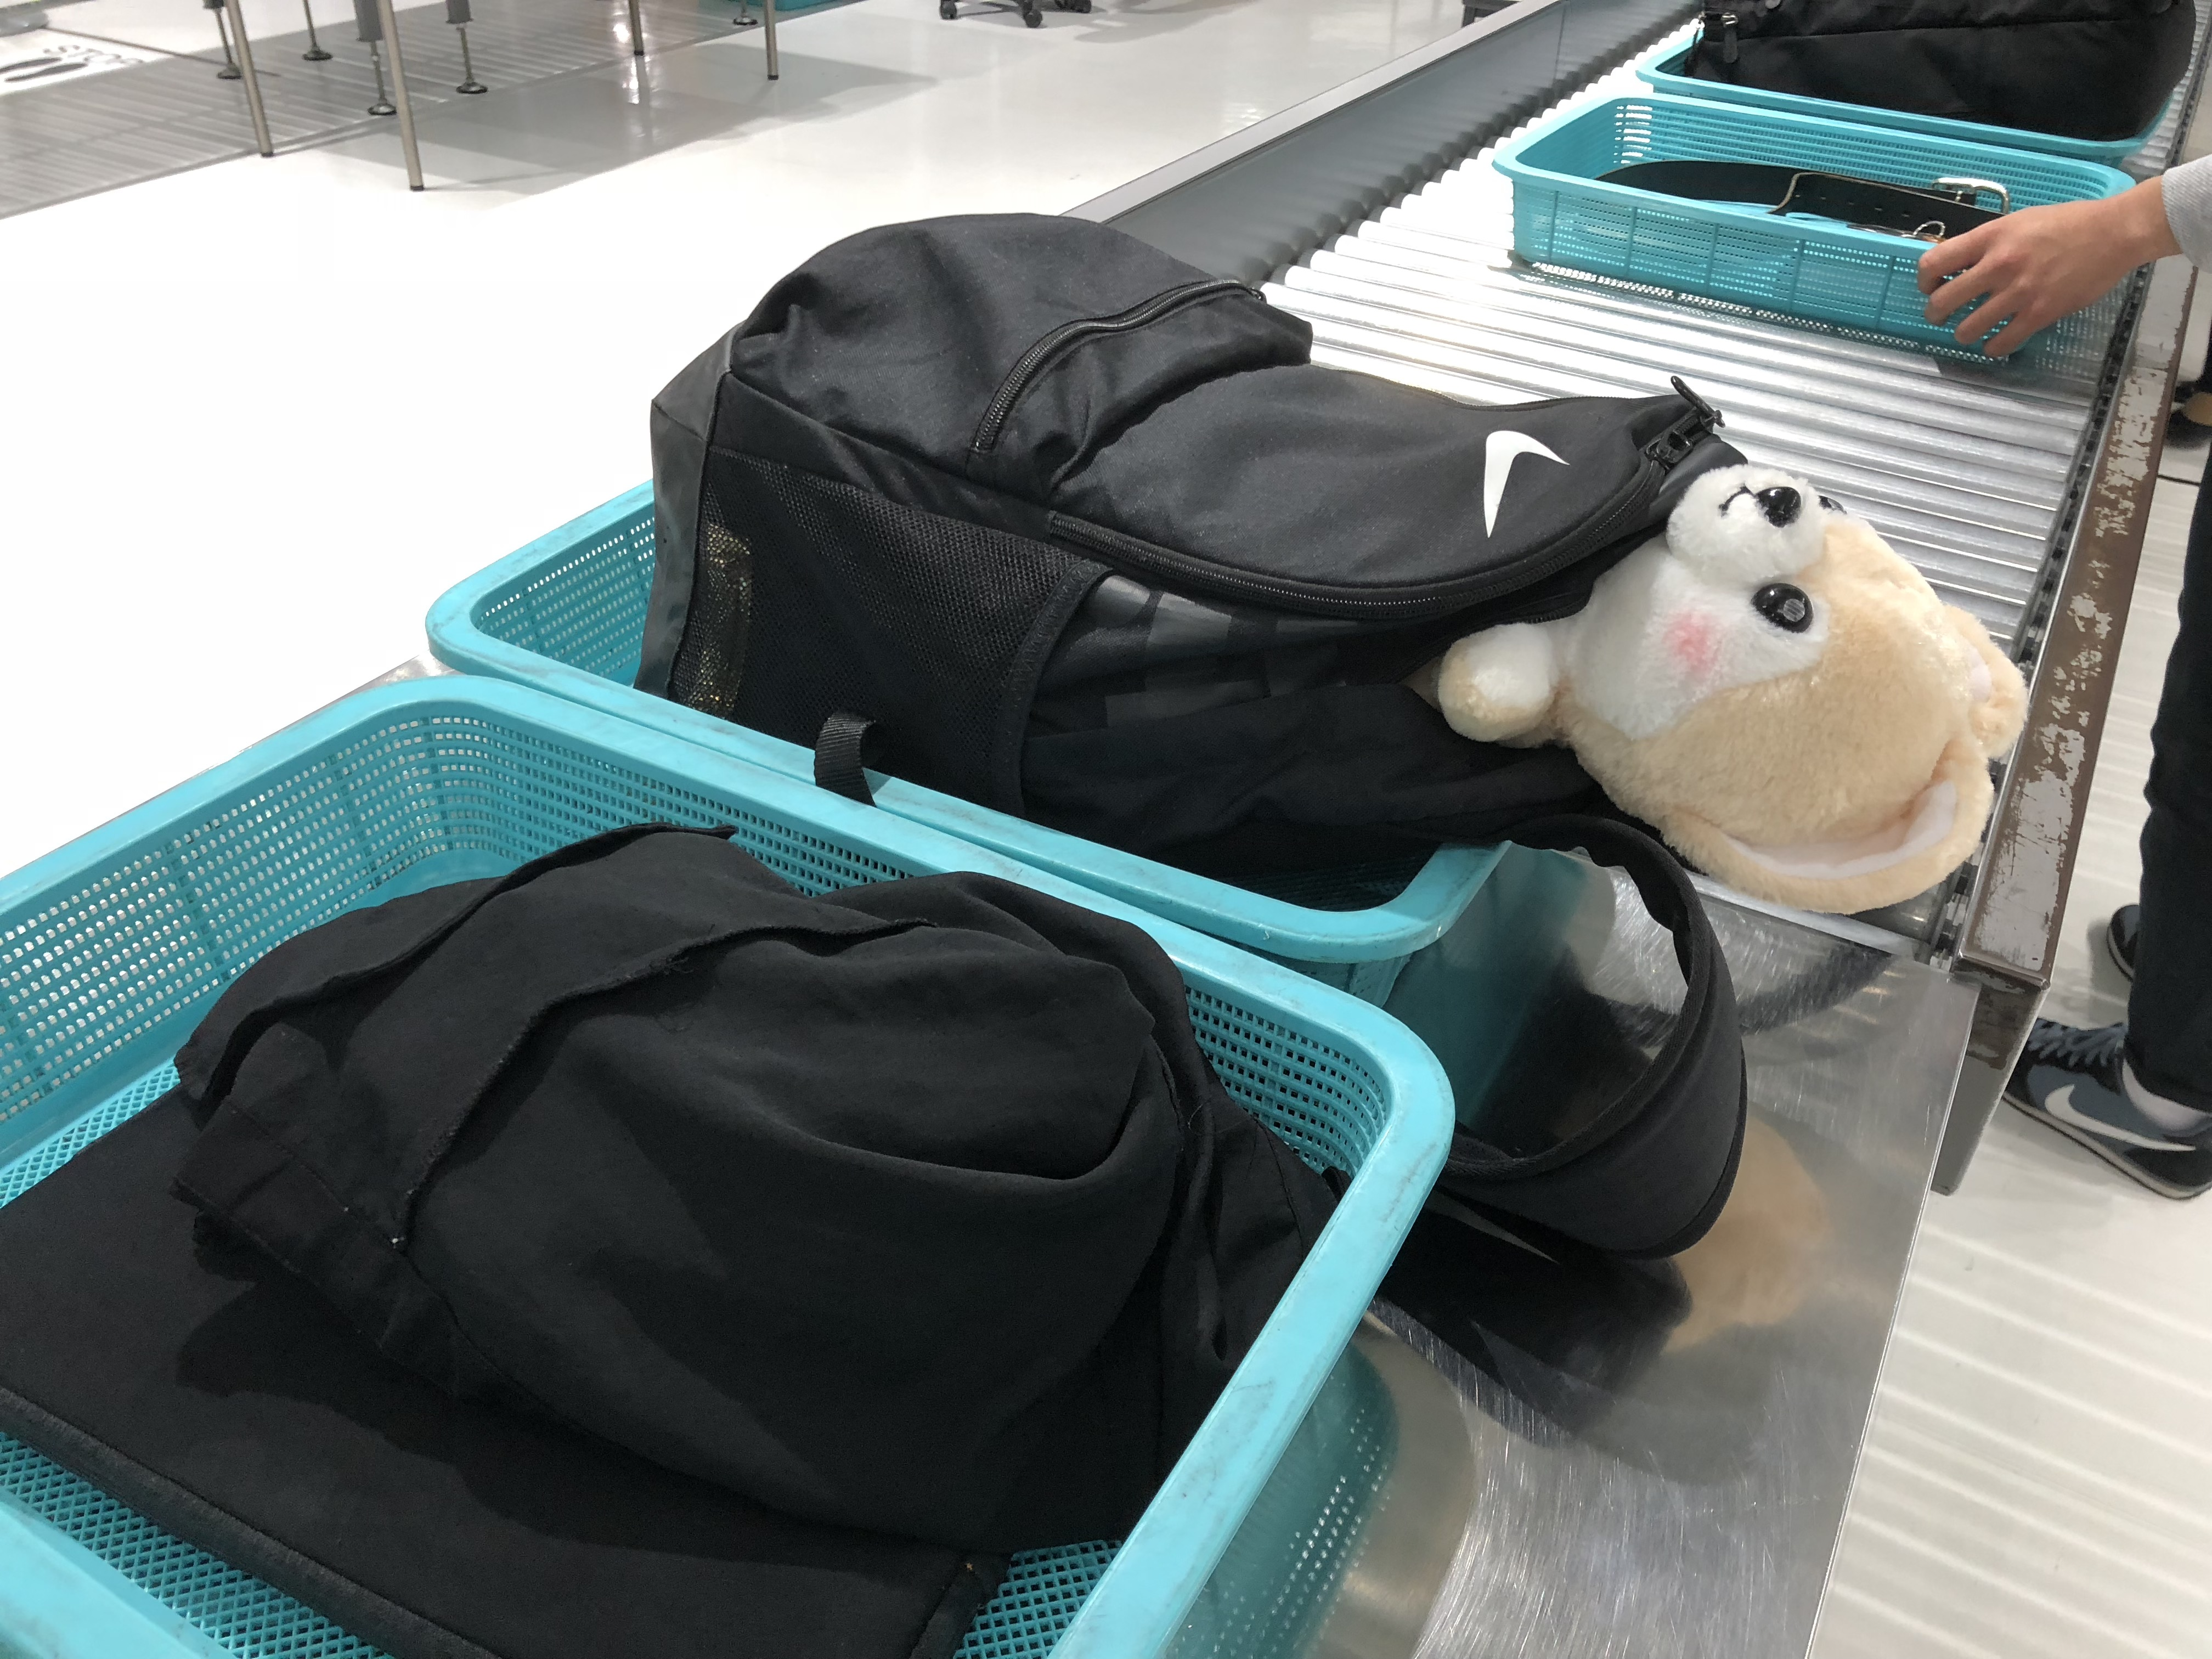 アシスタントのゴウ子ちゃんが搭乗する前に手荷物検査を受ける写真